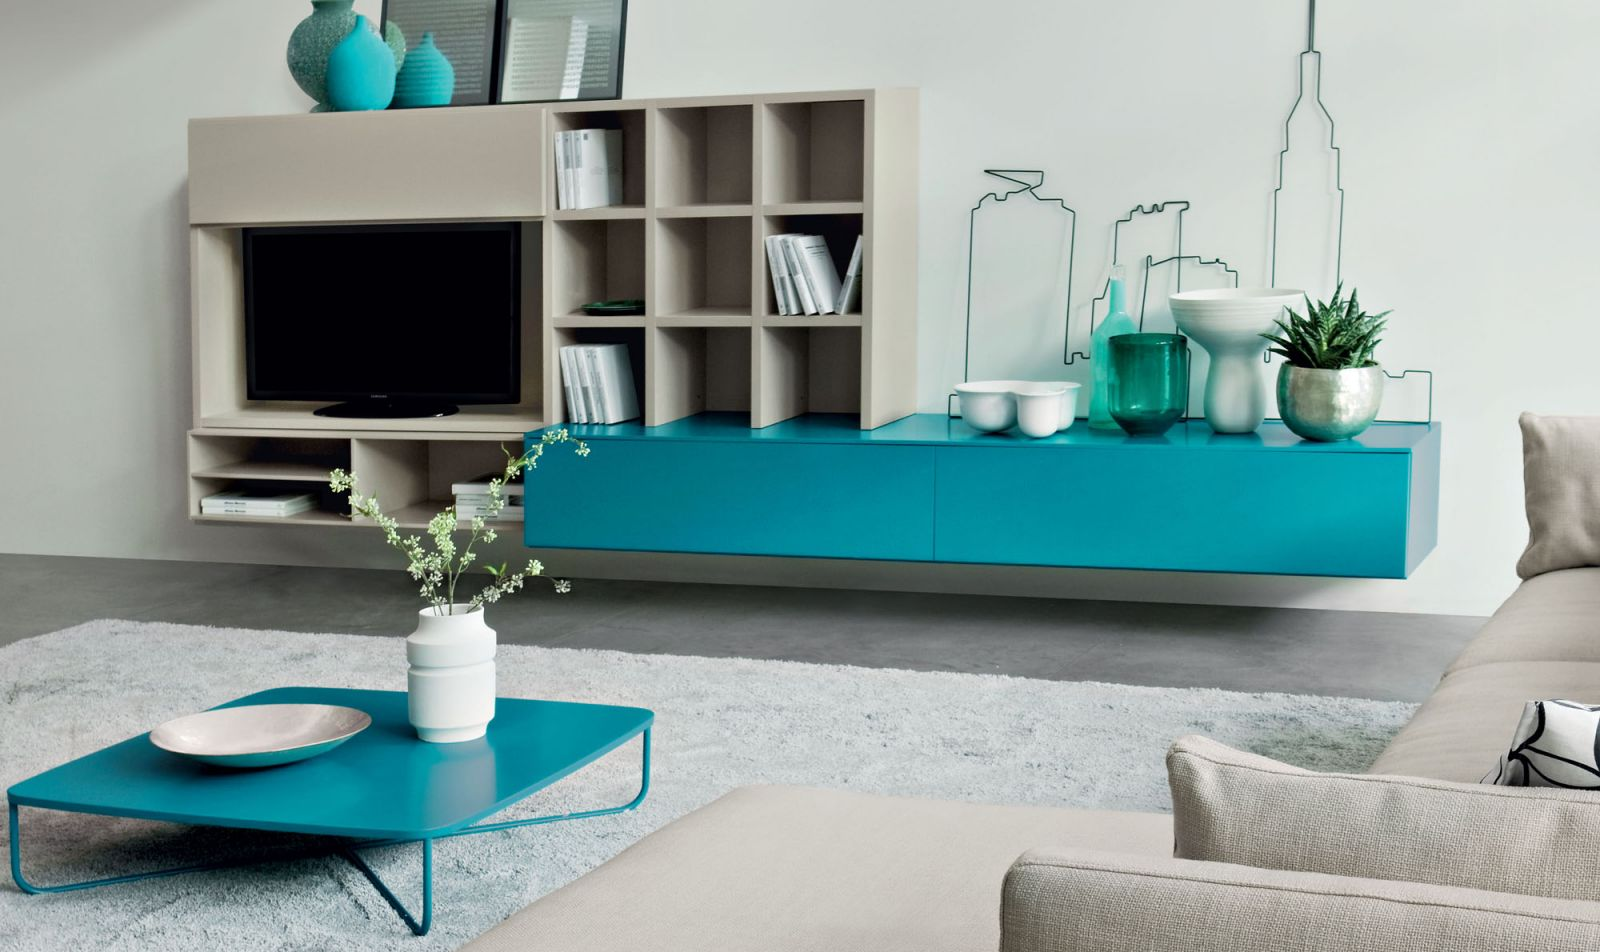 Idee per un soggiorno moderno con libreria e porta tv - Idee arredamento soggiorno moderno ...